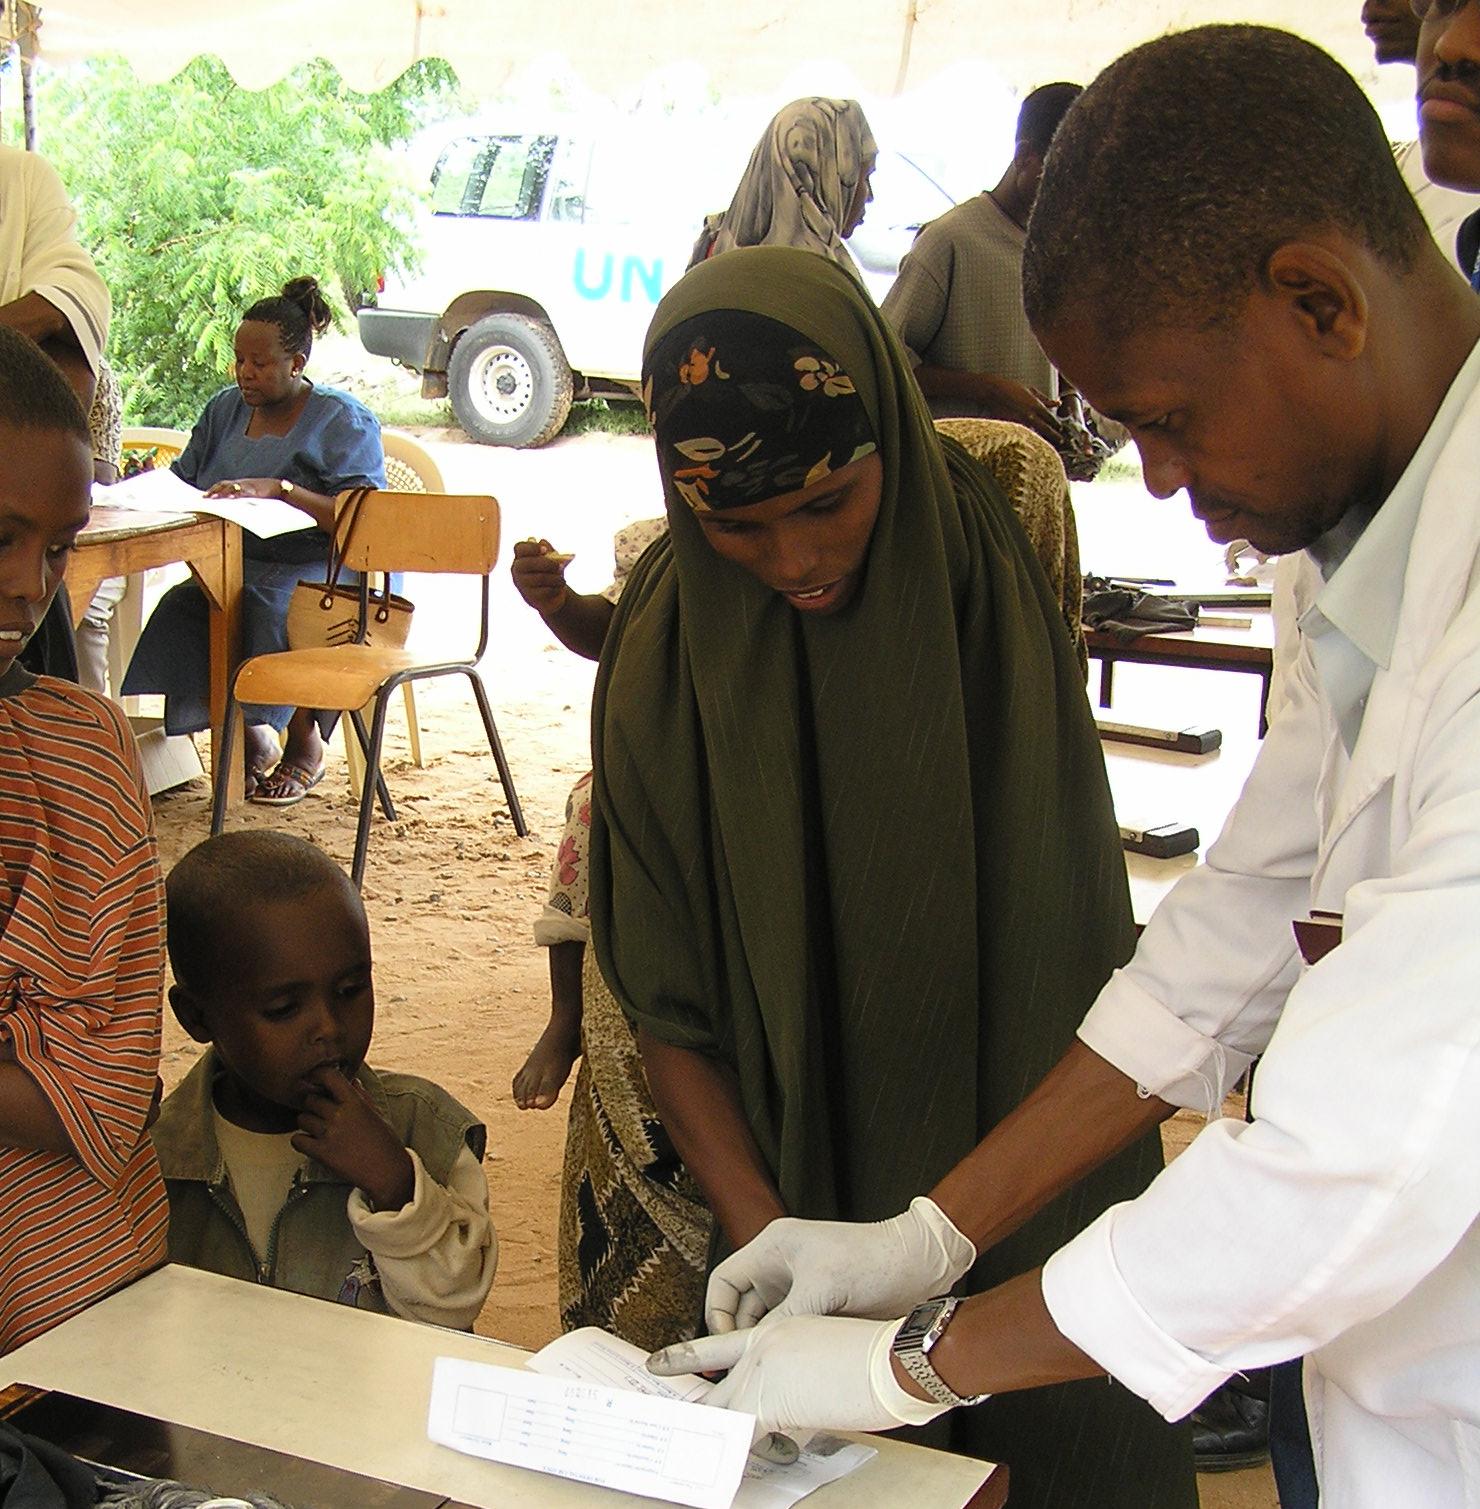 http://1.bp.blogspot.com/-cegKBkVLJ-A/T5ITZqieqeI/AAAAAAAAD3g/rEJE1A1oEuY/s1600/Dadaab+FPrint+1+B.jpg